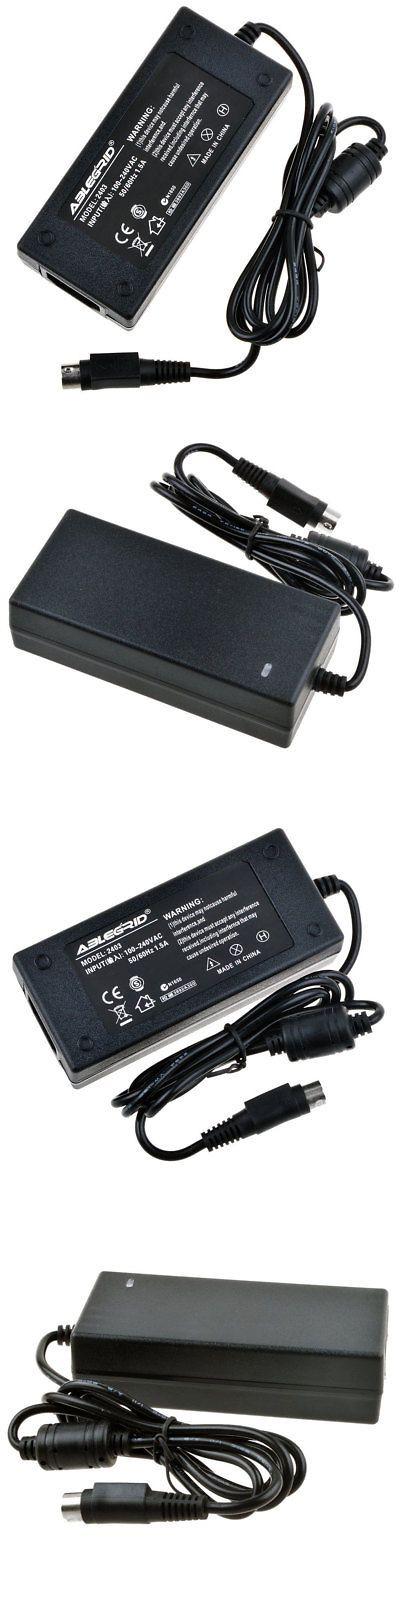 605 besten Multipurpose AC to DC Adapters Bilder auf Pinterest